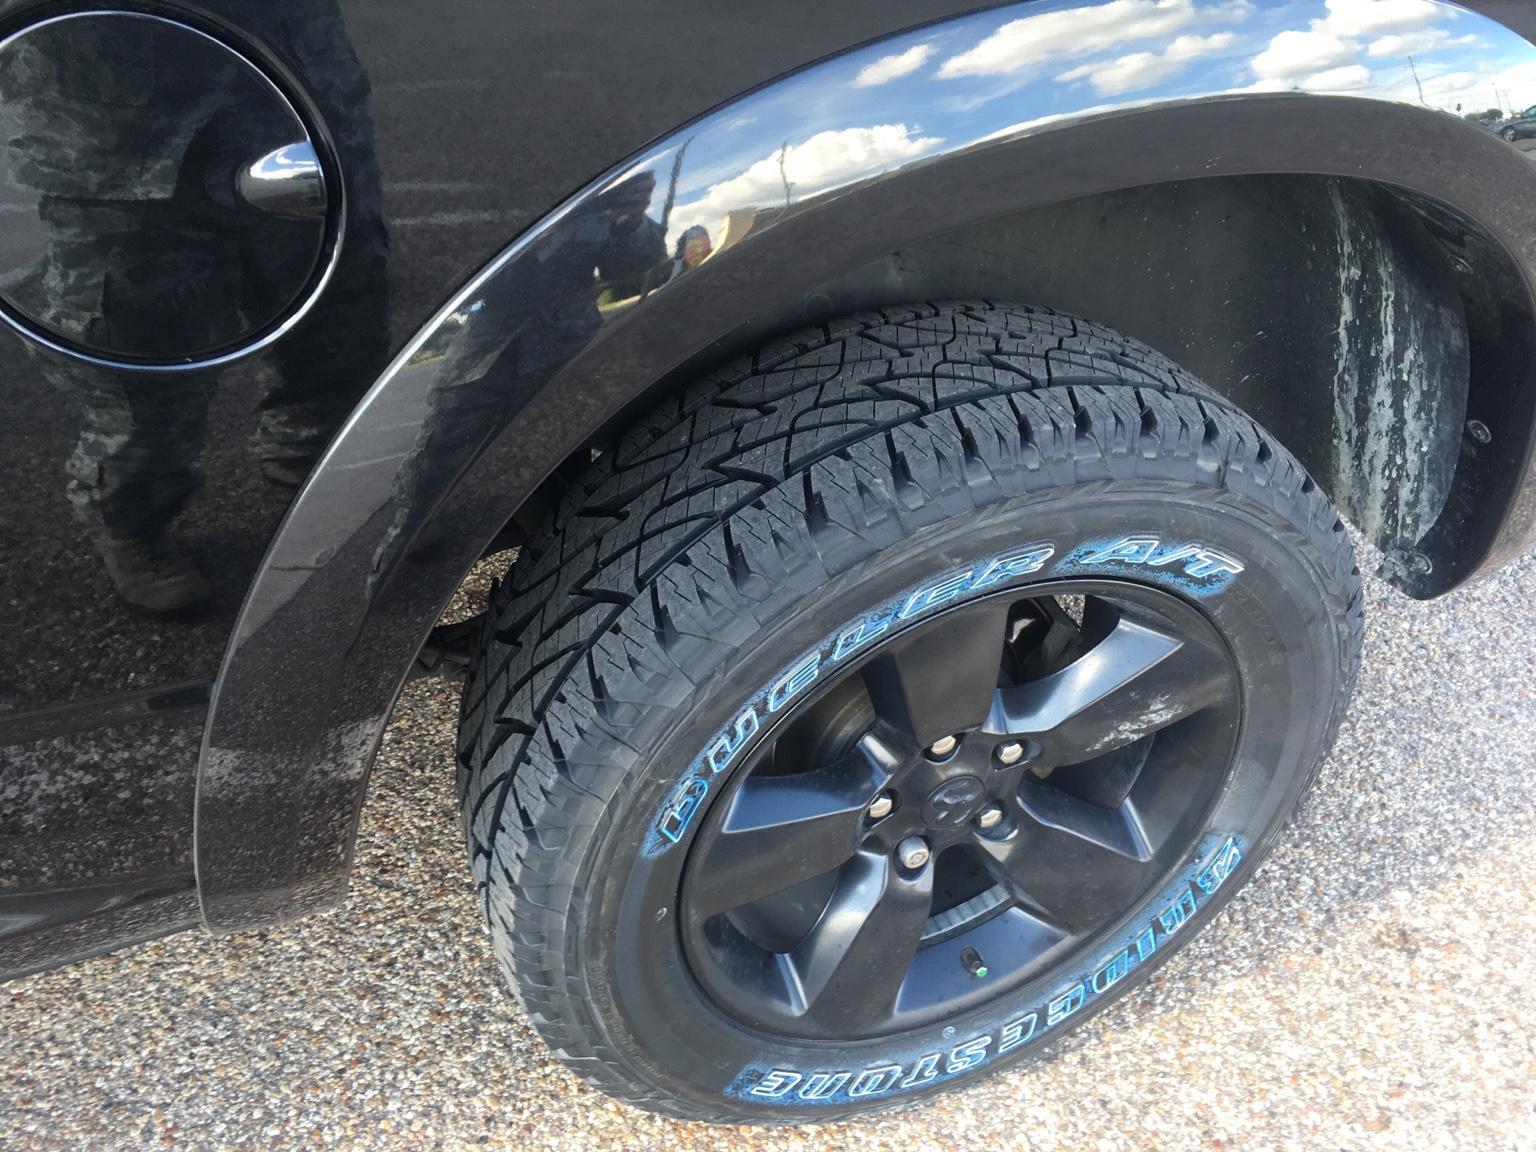 New Tires Dueler Revo 2